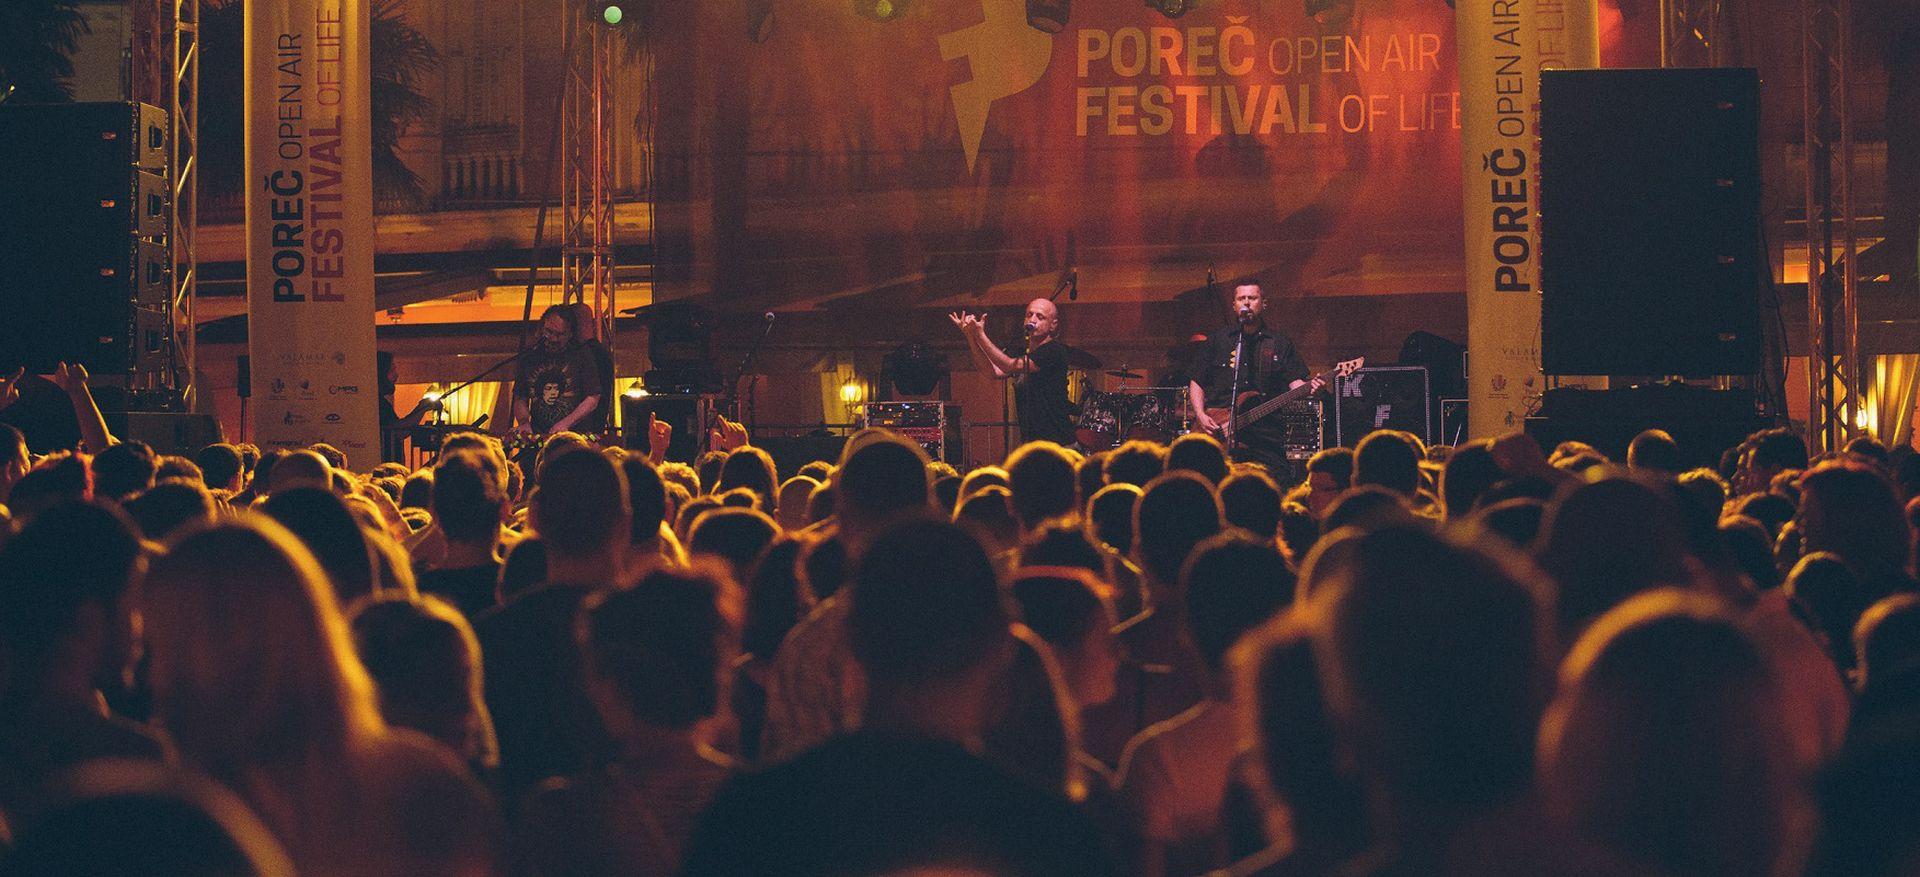 Više od 10 milijuna kuna uloženo u Poreč Open Air, prvi festival koji traje cijelo ljeto